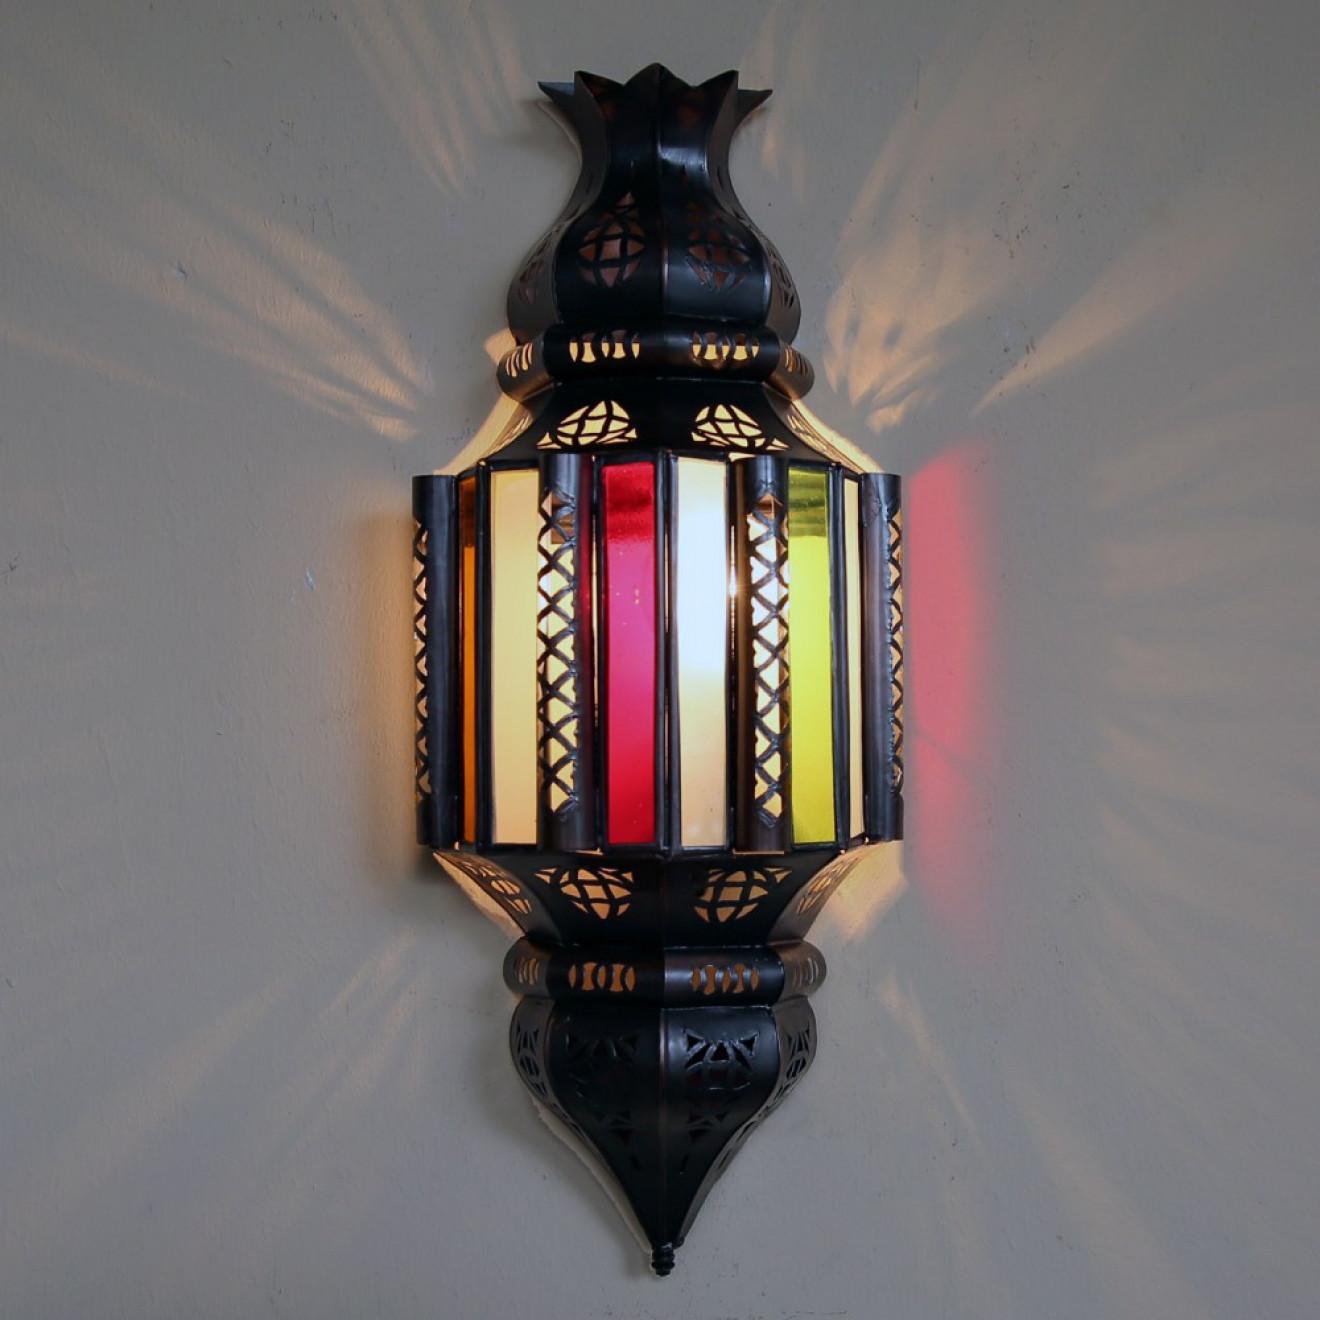 Orientalische marokkanische Wandlampe aus Glas 1001 Nacht lamp Wandleuchte bal 1